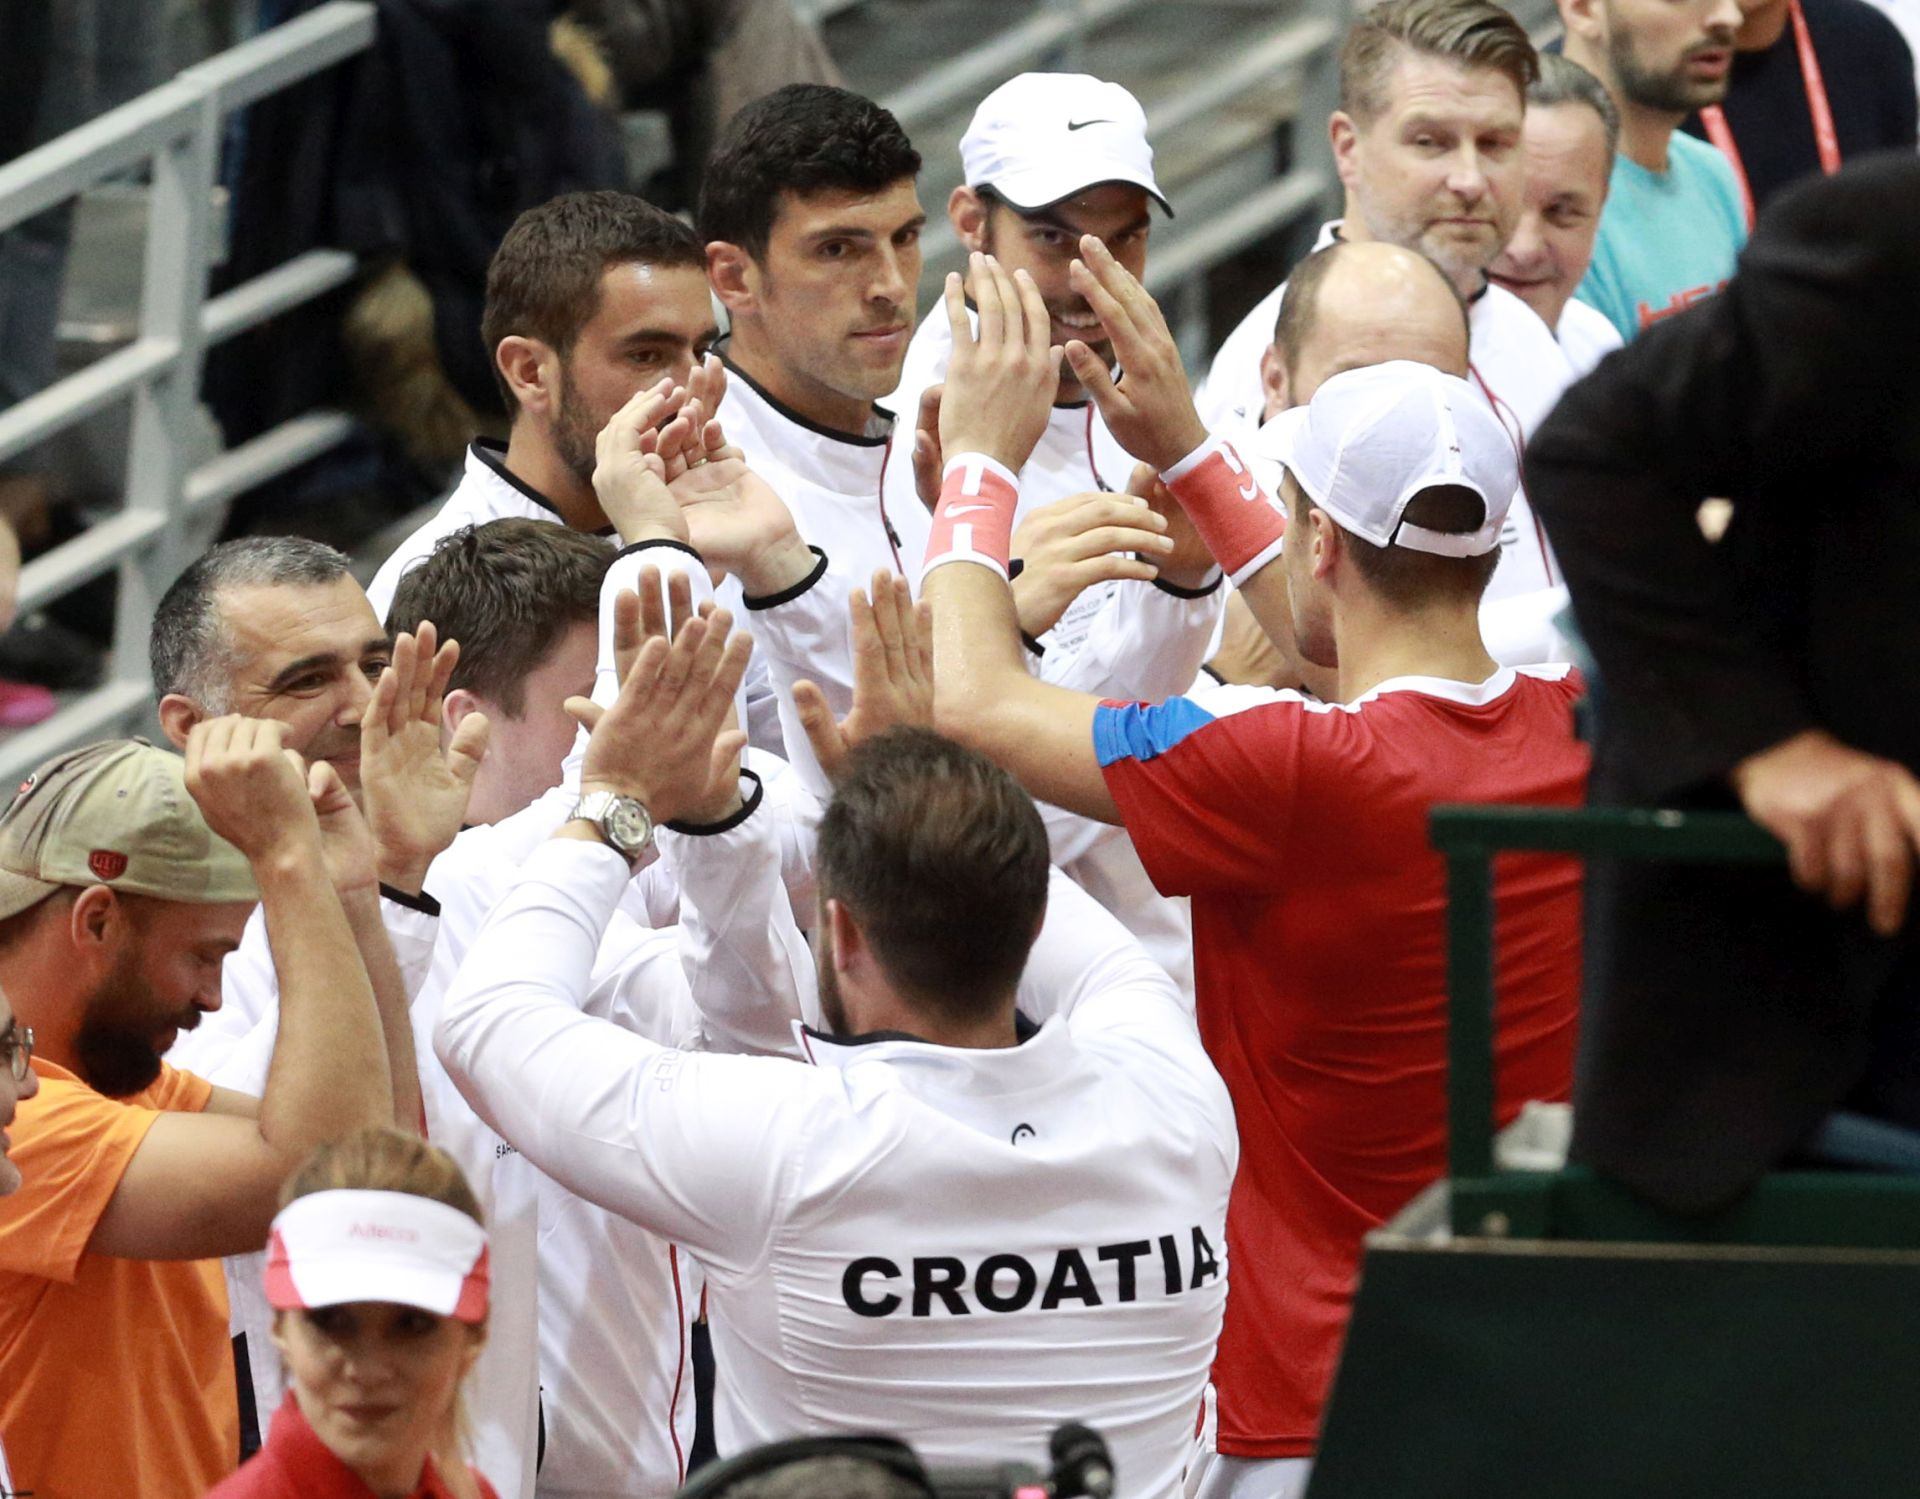 Polufinale Davis Cupa u Splitu ili Zadru